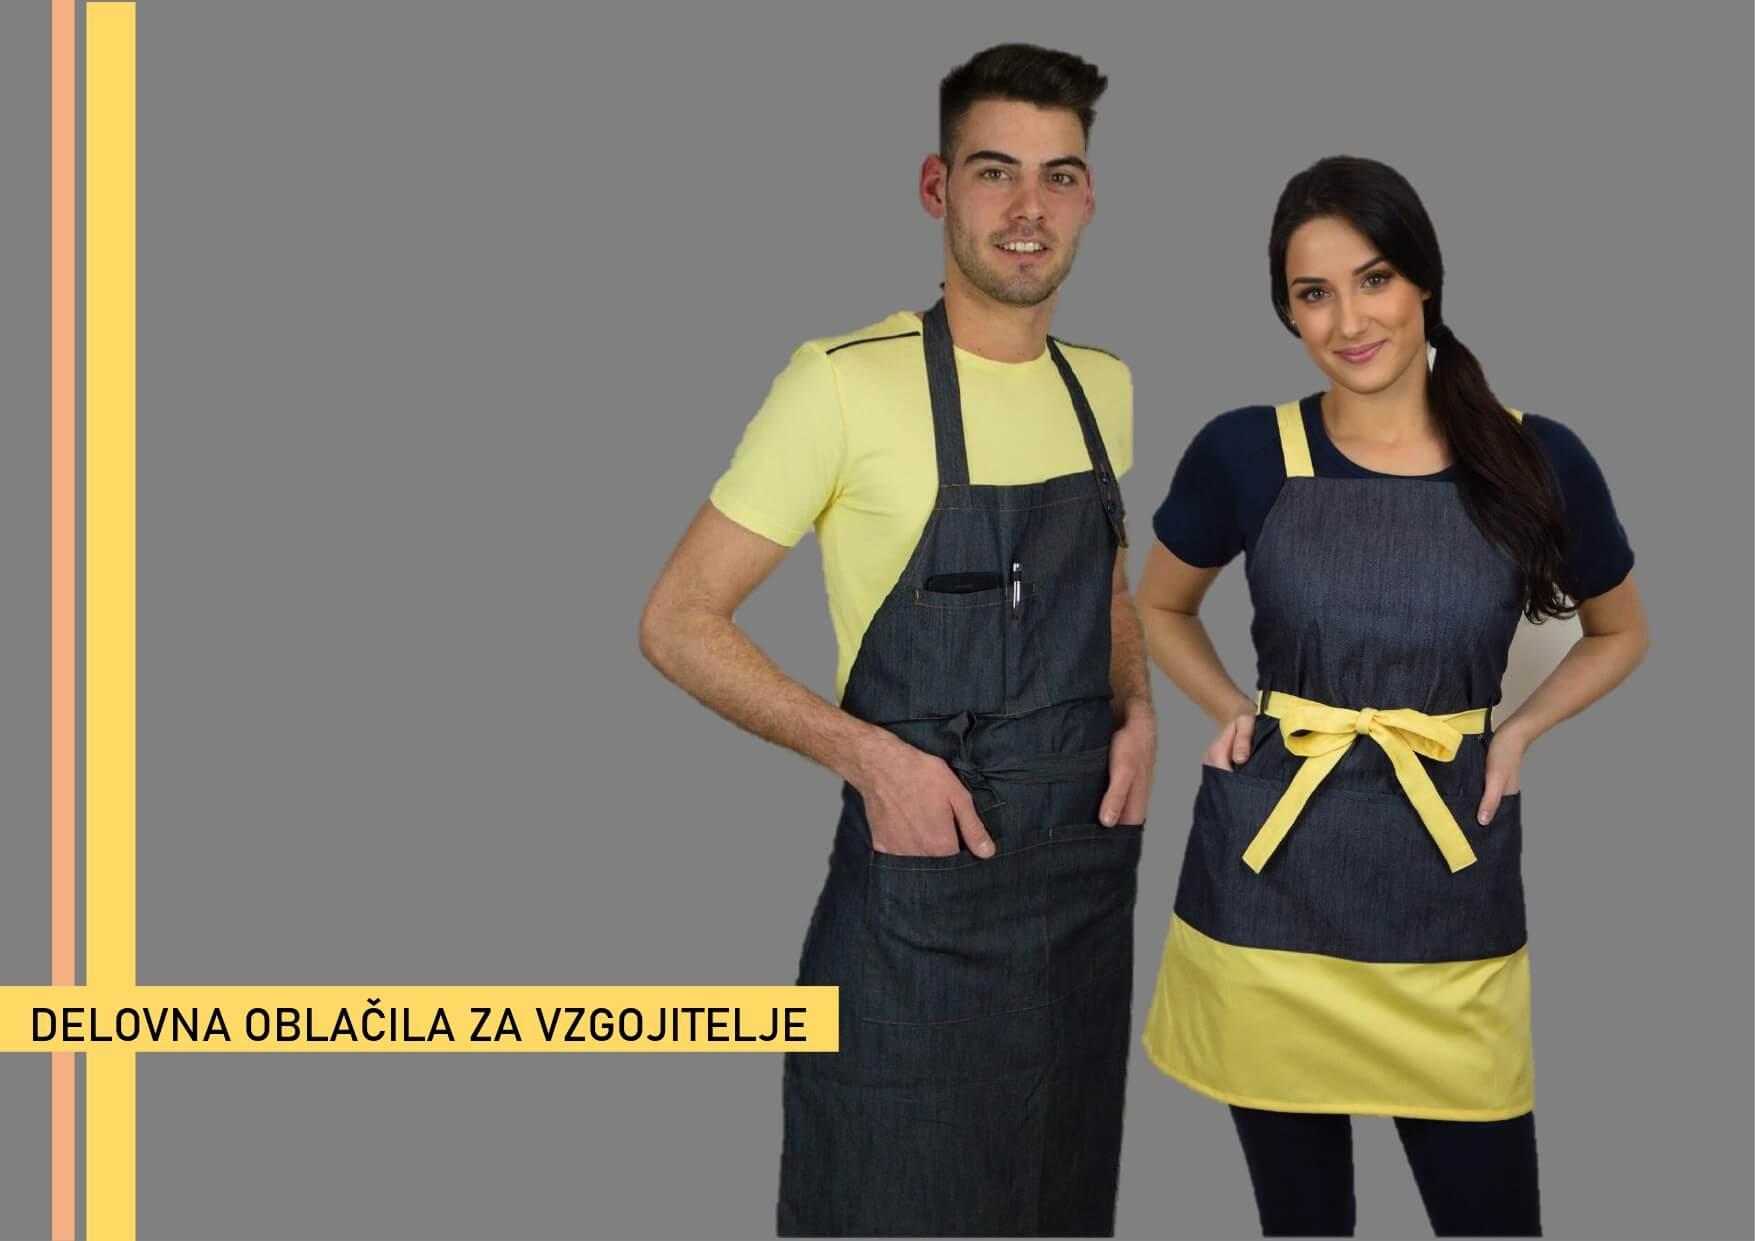 Delovna oblačila za vzgojitelje